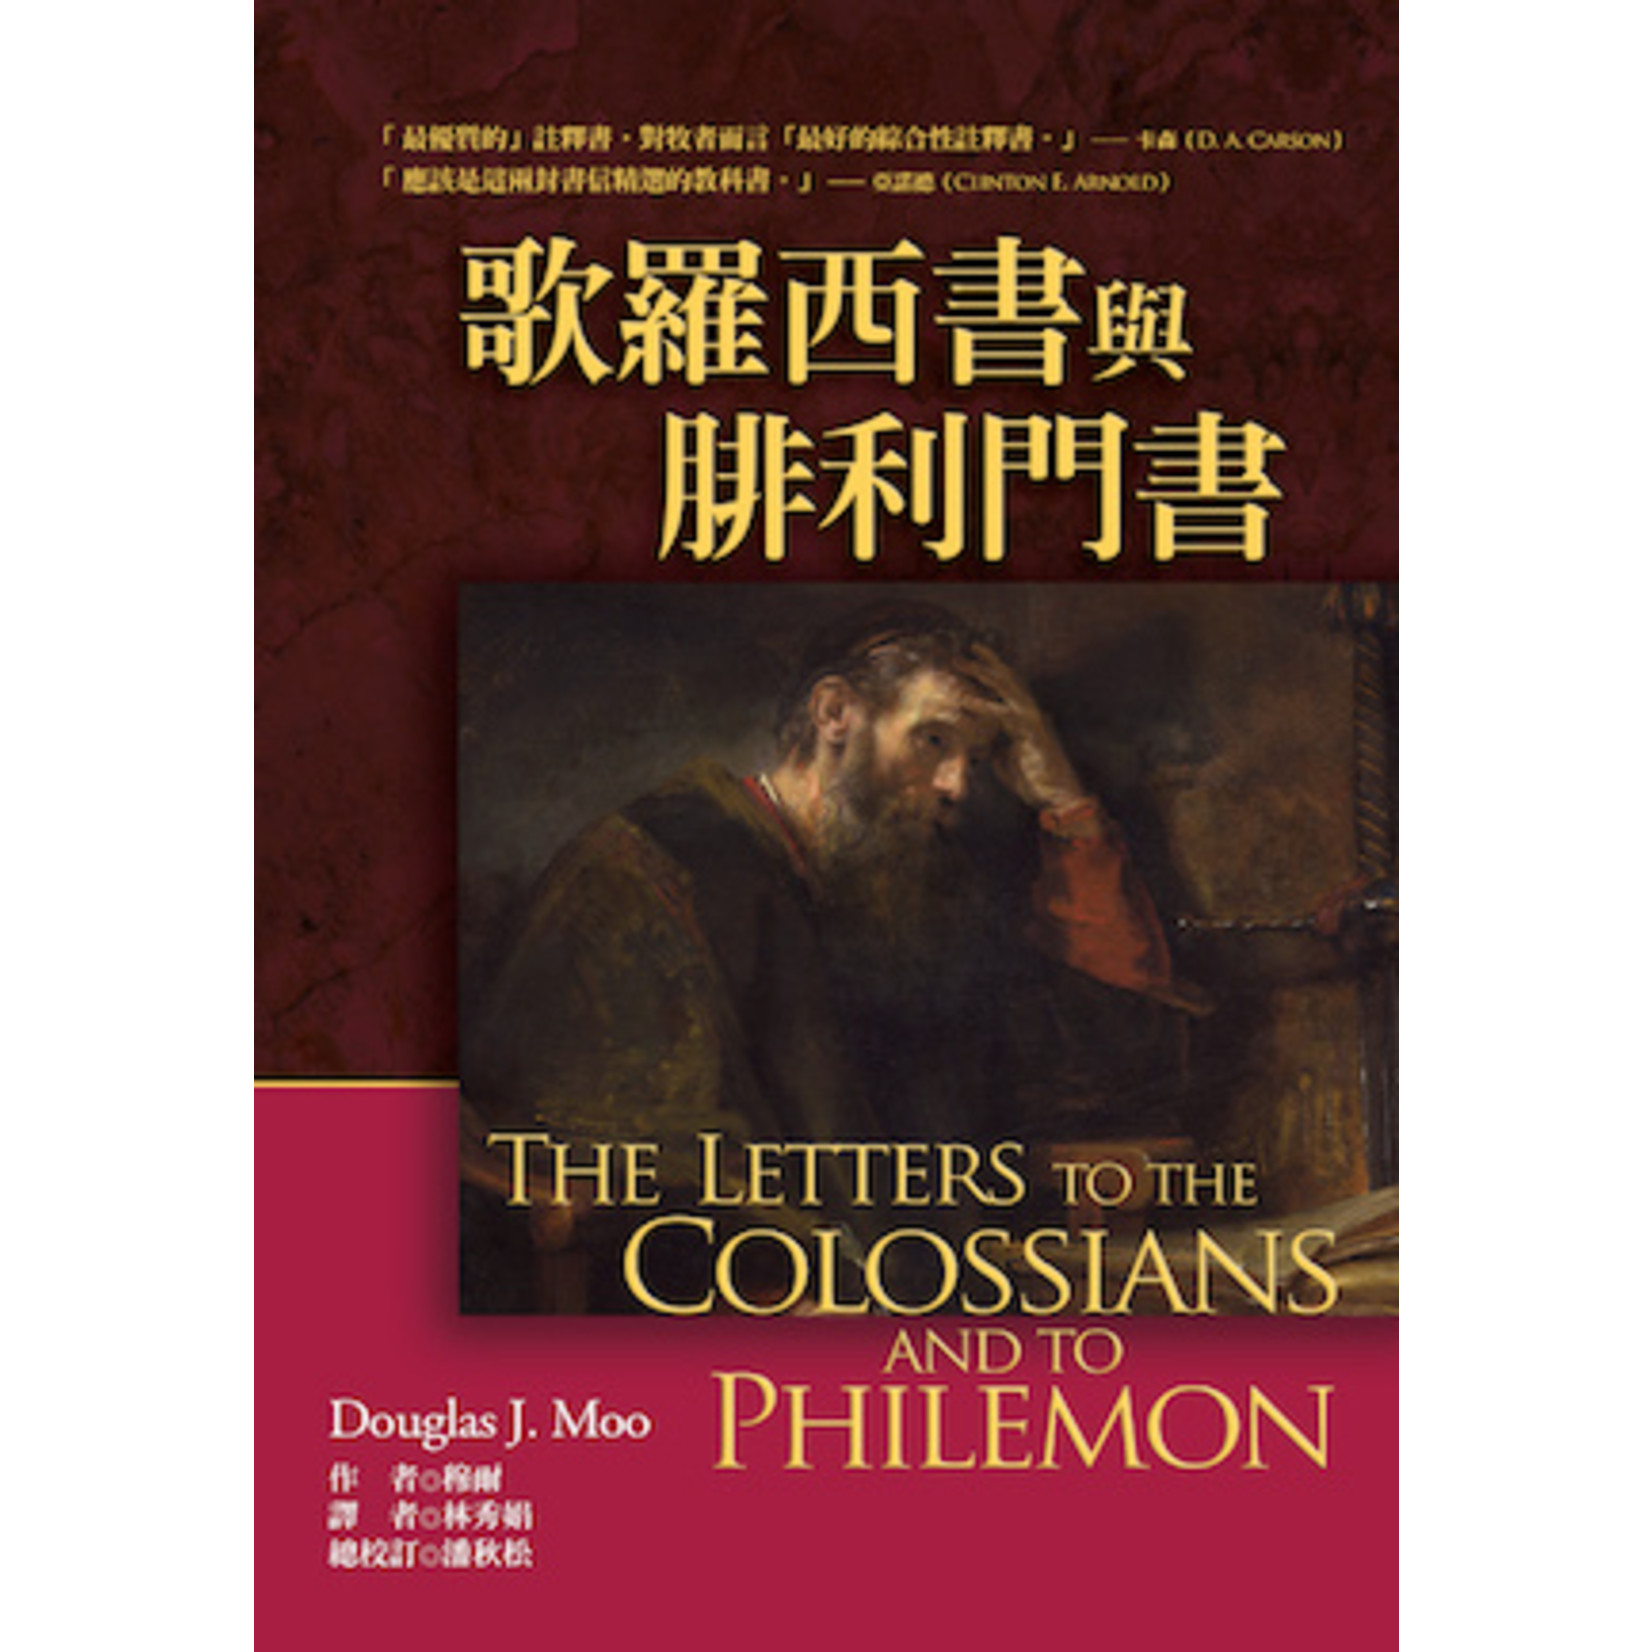 美國麥種傳道會 AKOWCM 麥種聖經註釋:歌羅西書與腓利門書 The Letters to the Colossians and to Philemon